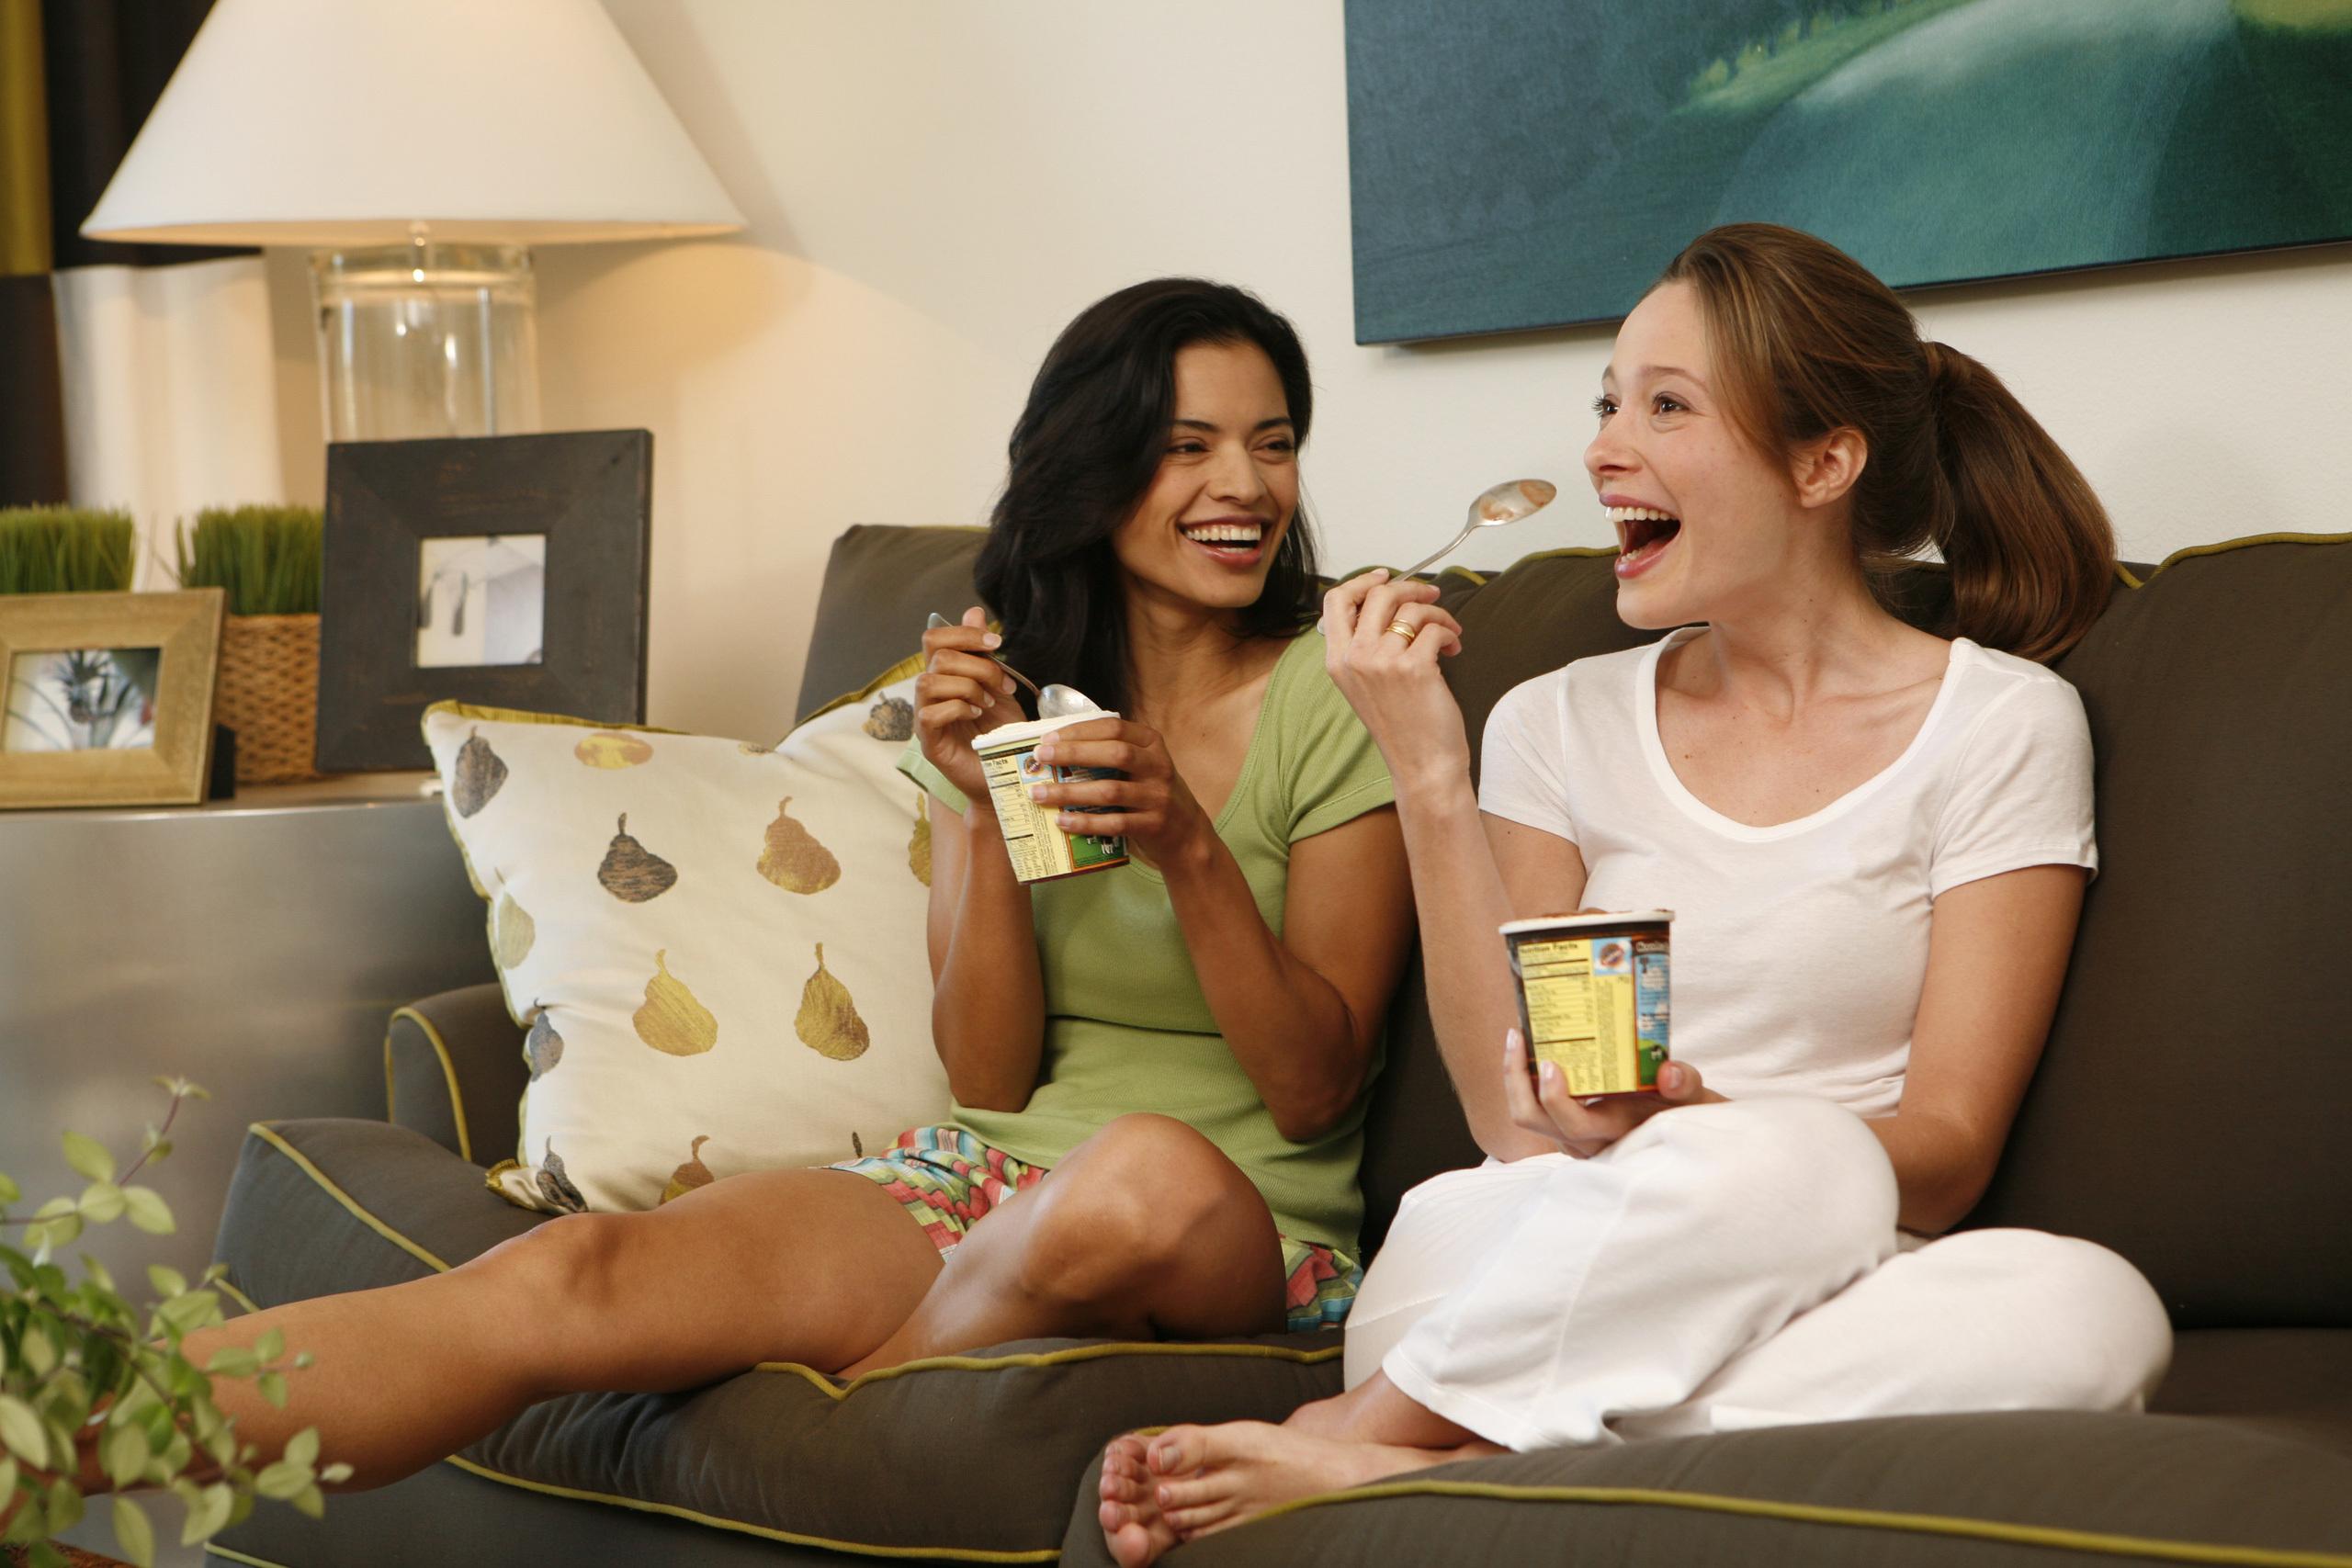 5 cách hiệu quả giúp giảm chi phí khi đi thuê nhà mà bạn cần nắm